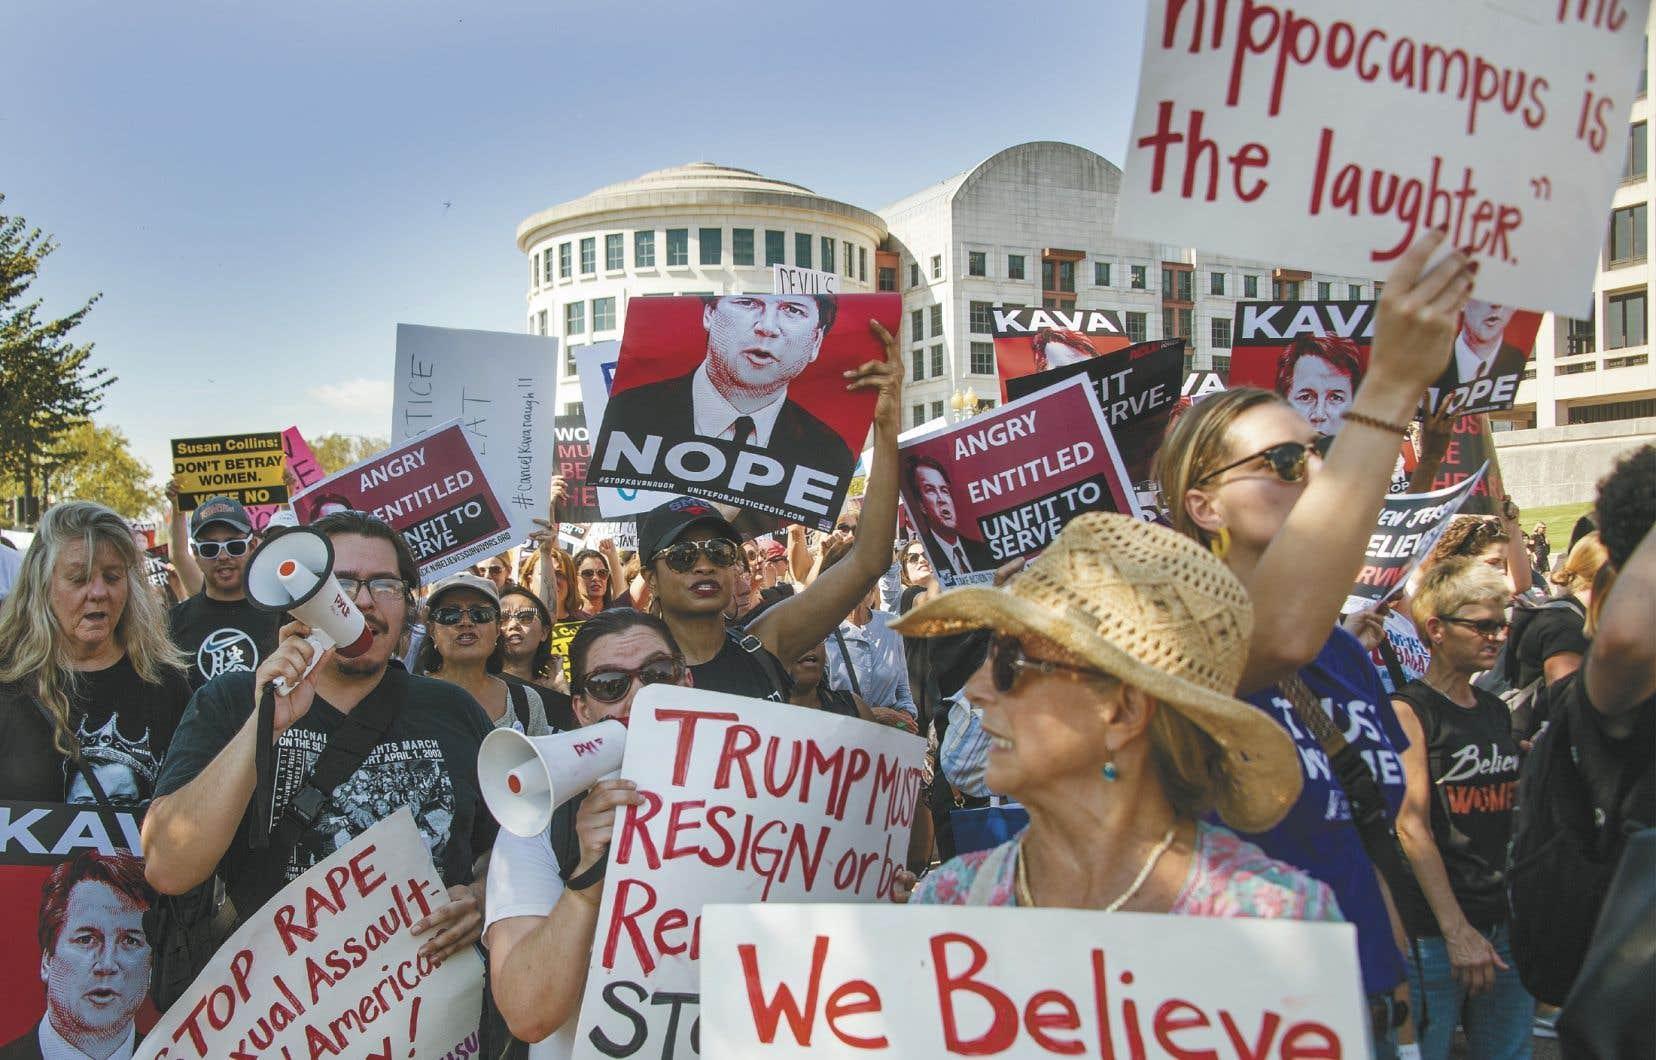 Des milliers de manifestants se sont rassemblés jeudi à Washington pour s'opposer à la nomination à la Cour suprême de Brett Kavanaugh. Le juge est accusé d'agressions sexuelles.